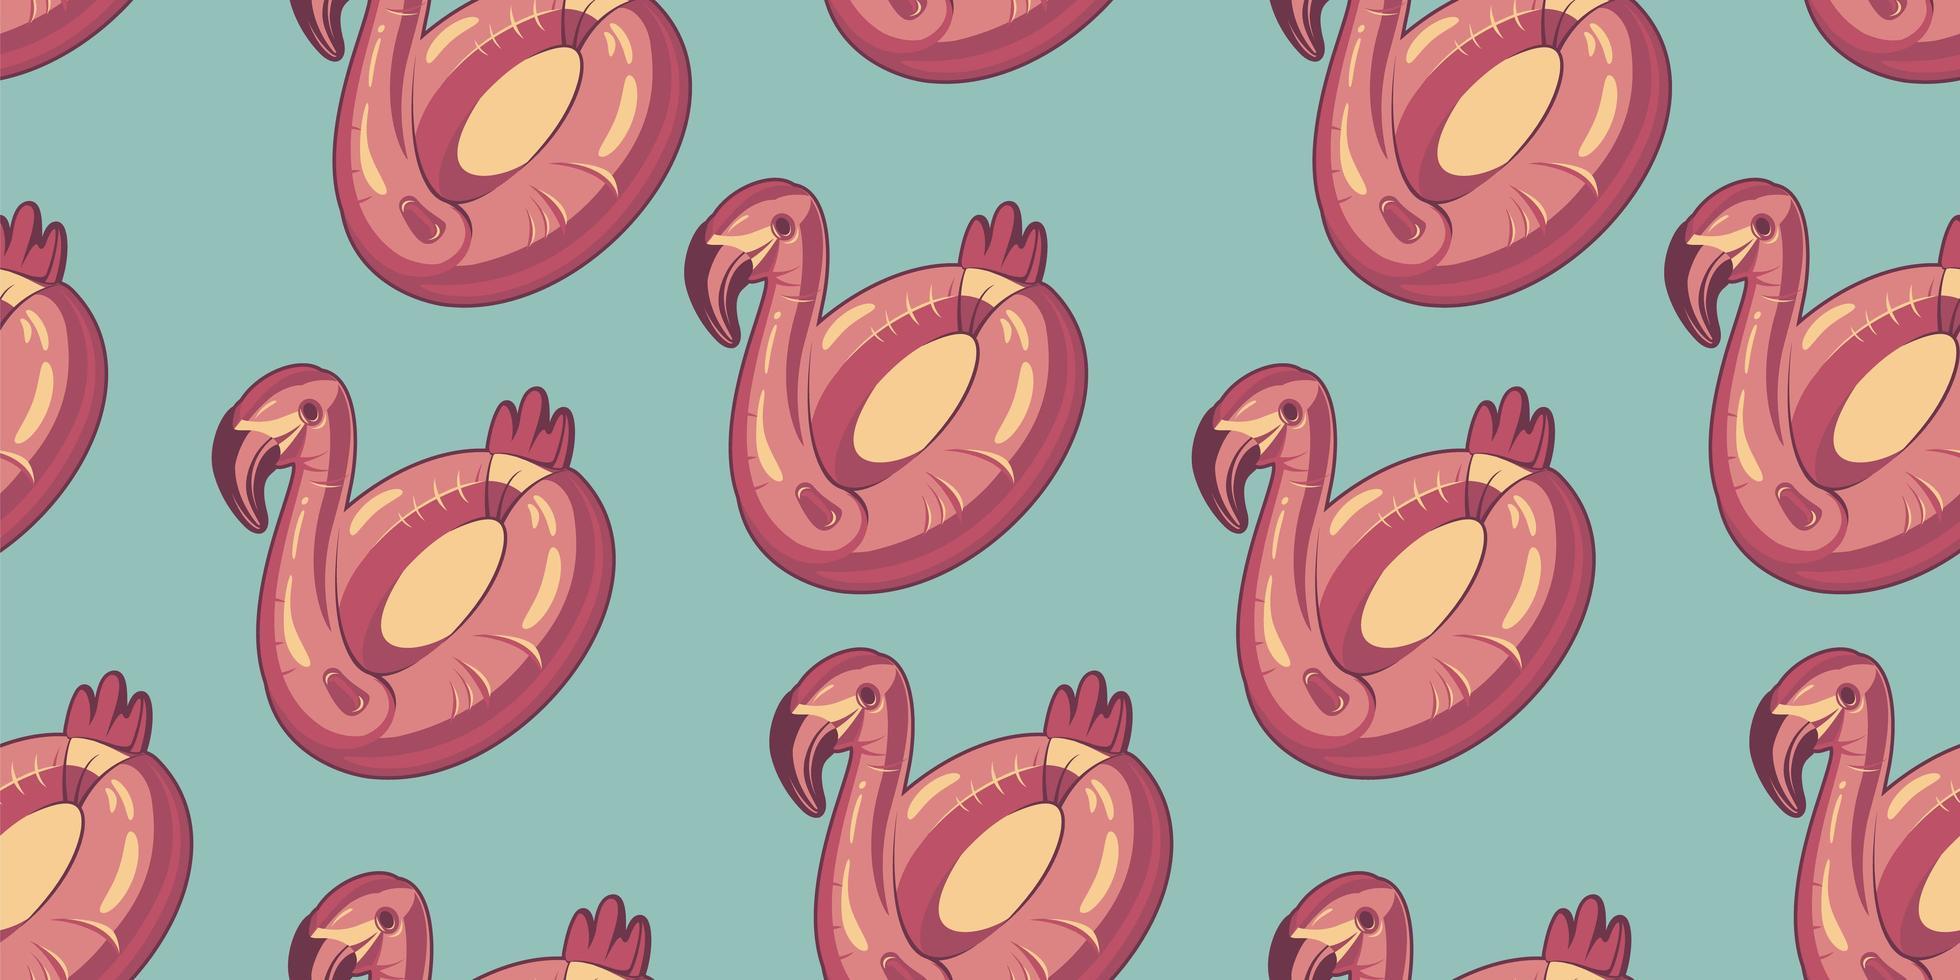 padrão sem emenda com flamingo rosa flutua no azul vetor